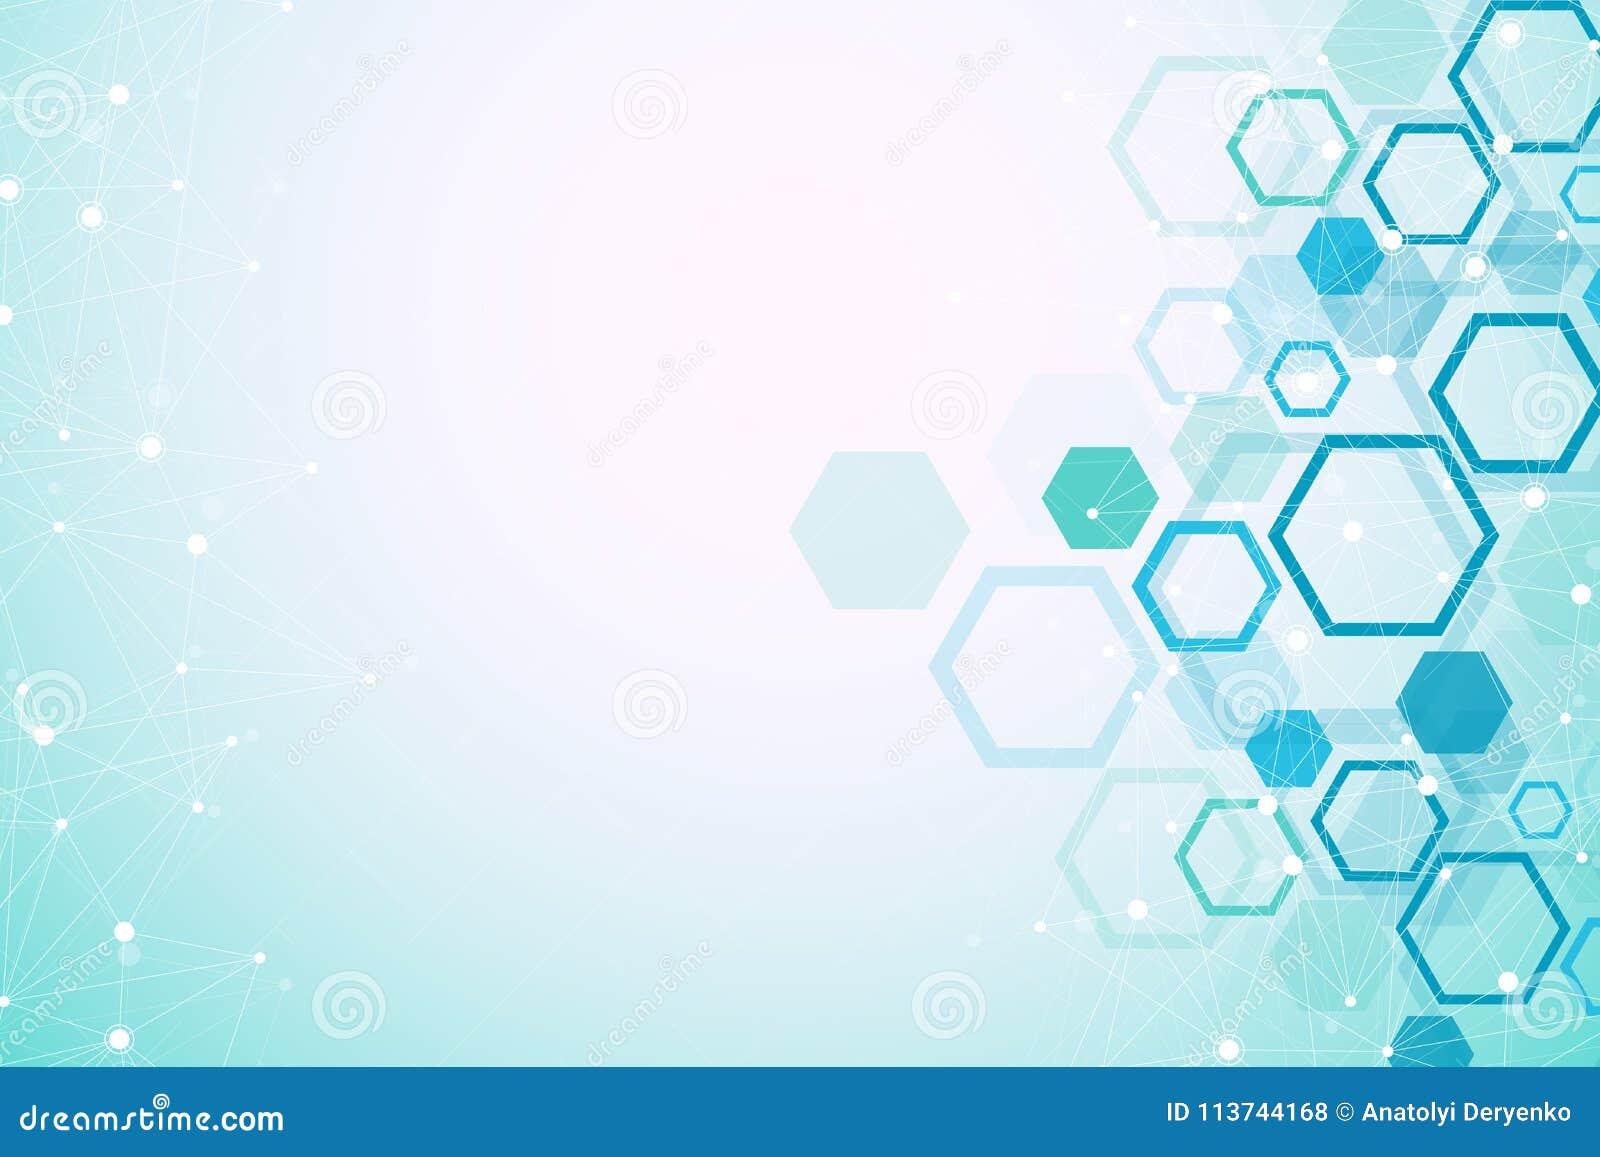 Fondo Geométrico Hexagonal Hexágonos Genéticos Y Red Social ...